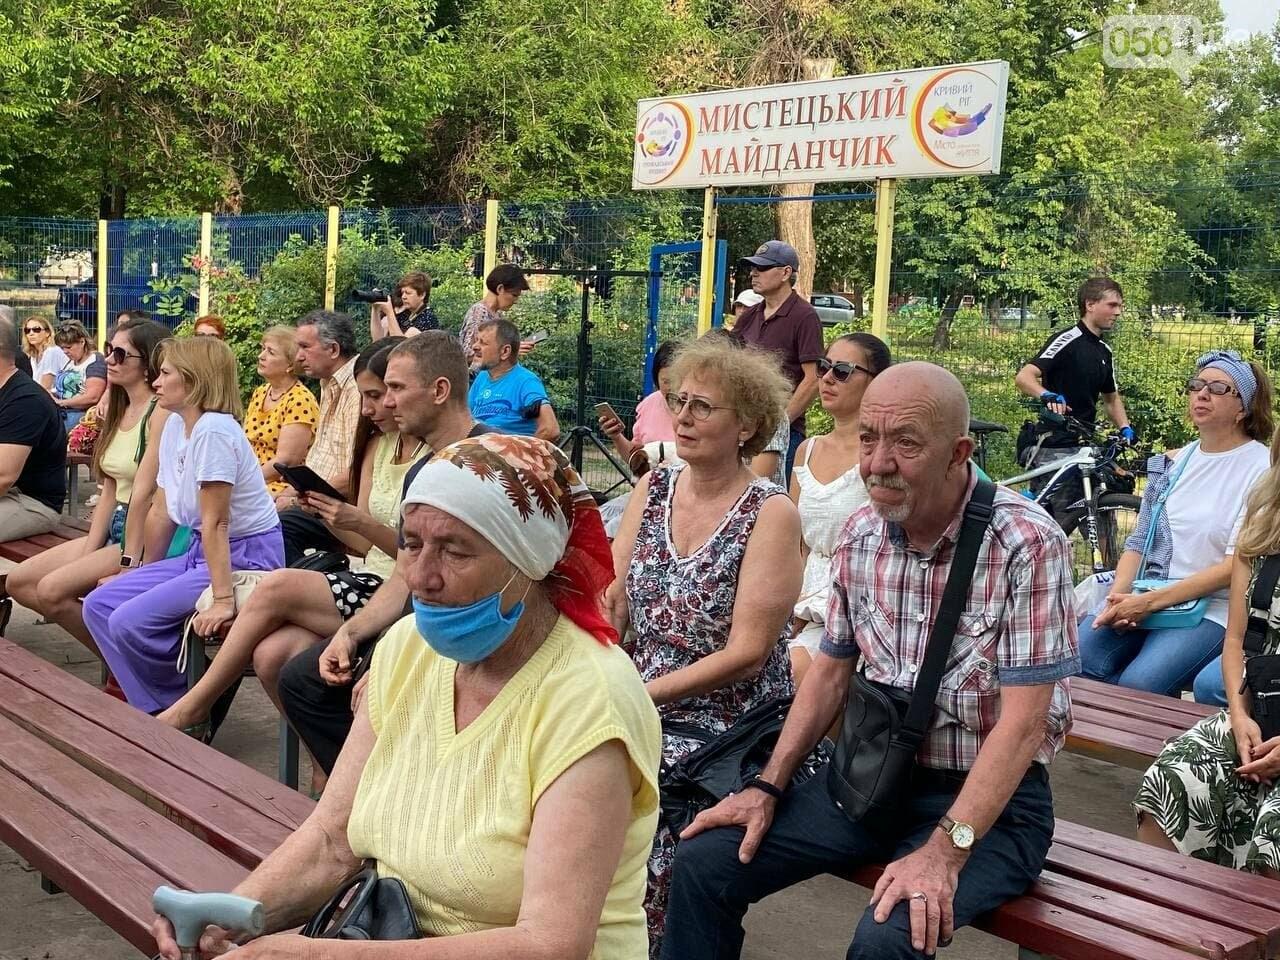 Криворожане наслаждались в парке классикой неаполитанской песни, - ФОТО, ВИДЕО , фото-7